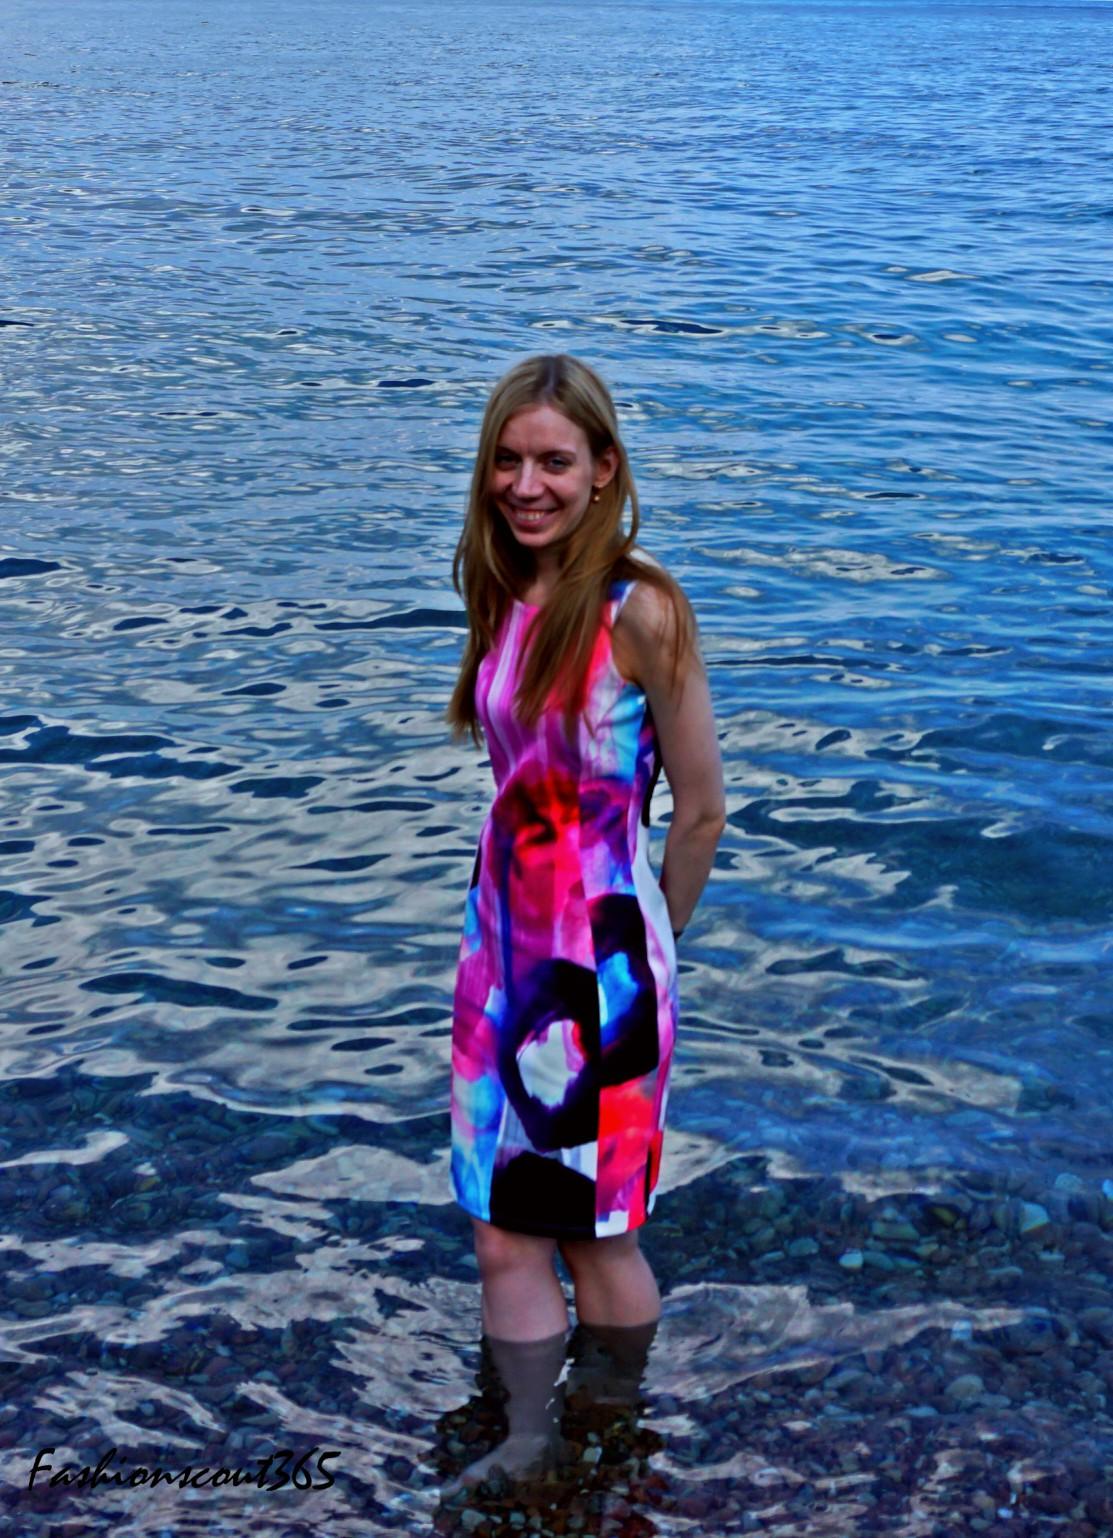 Mein Look im H&M-Kleid mit Print